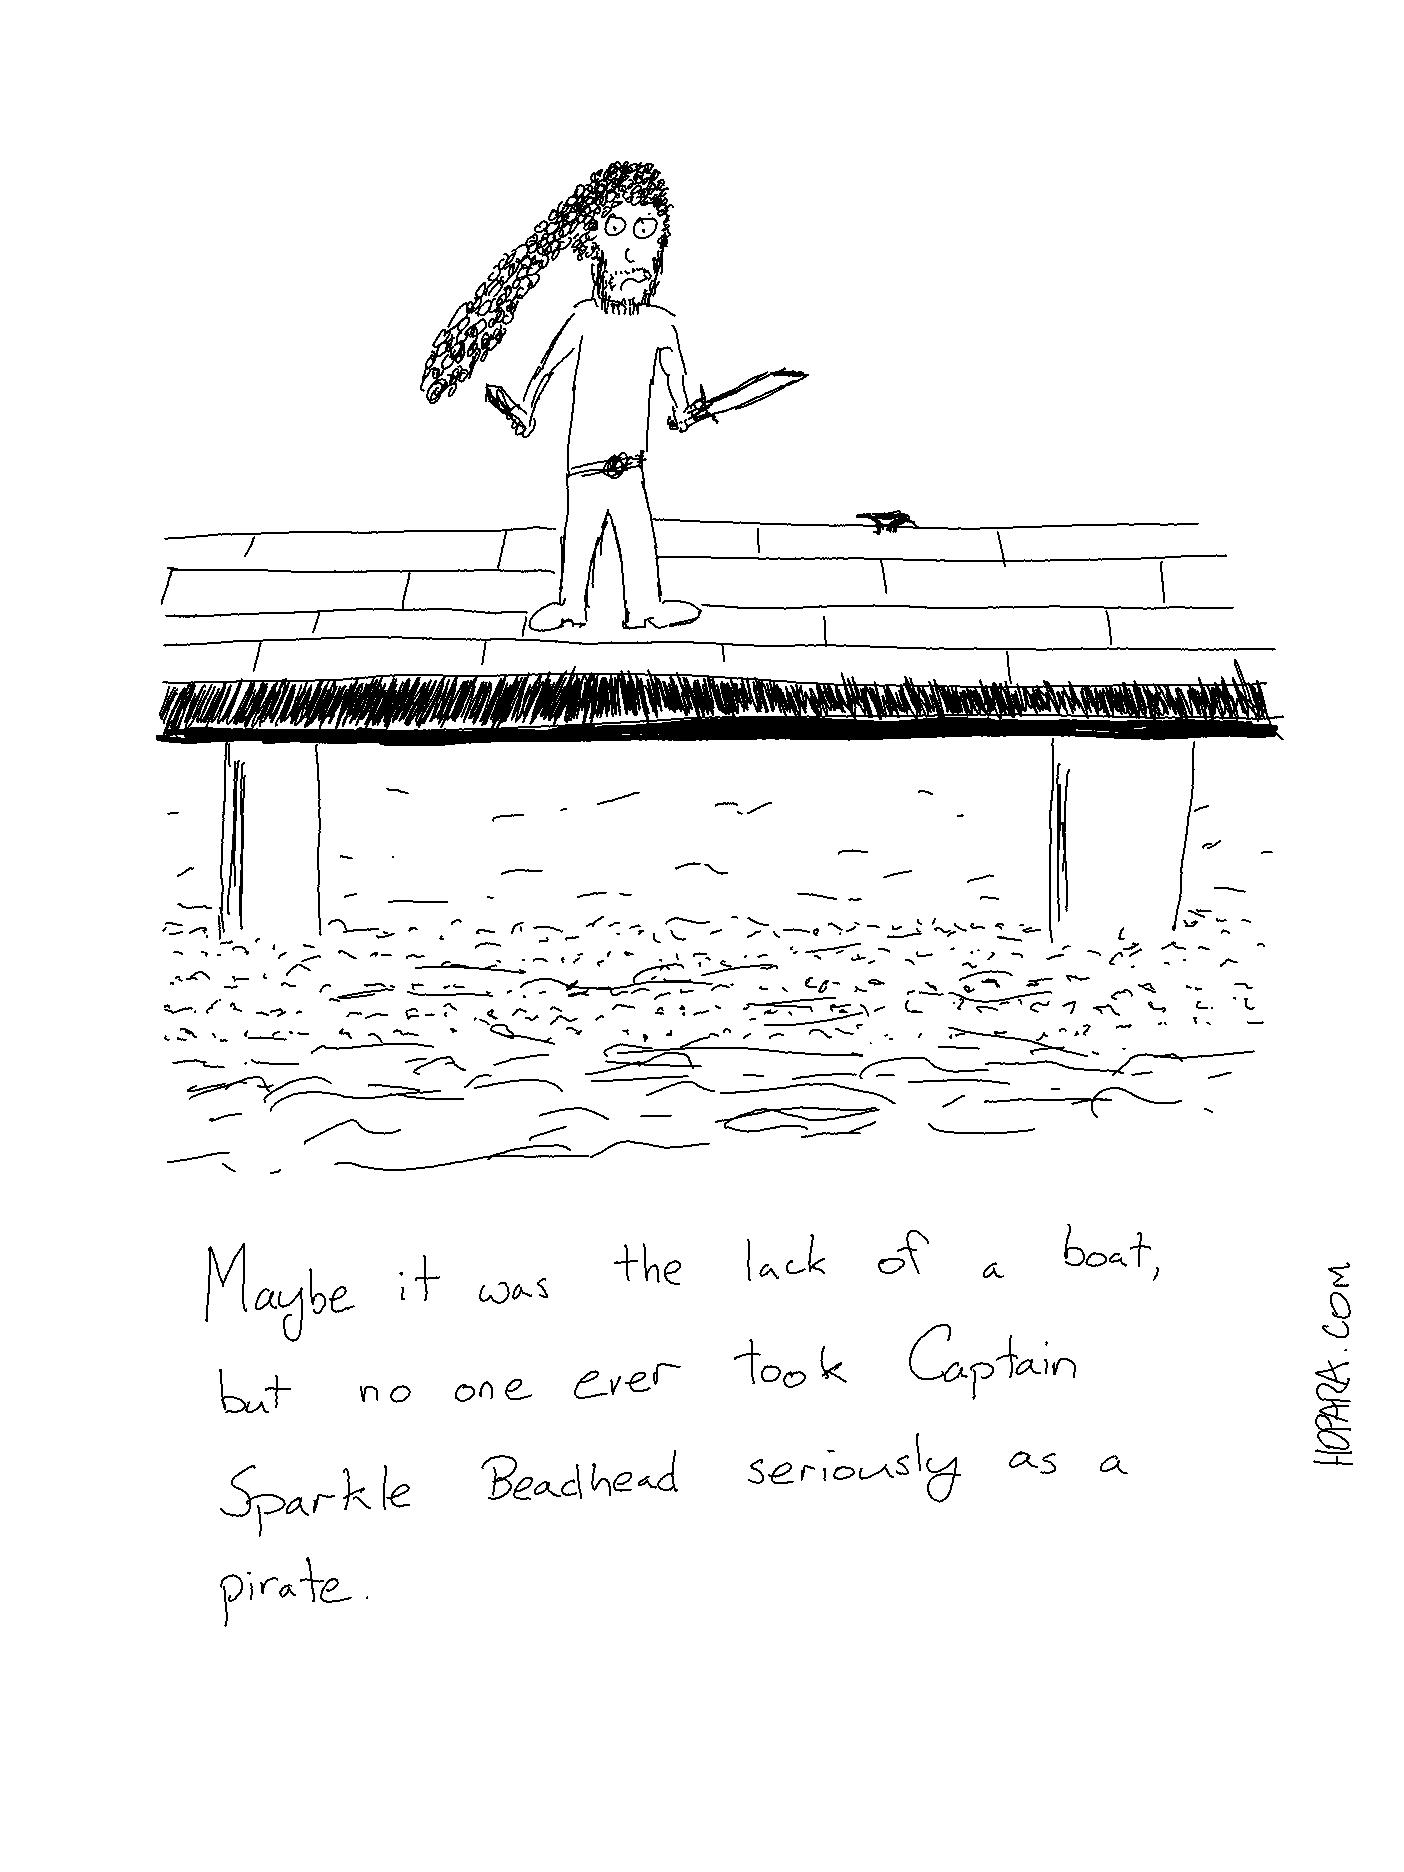 captain sparkle beadhead